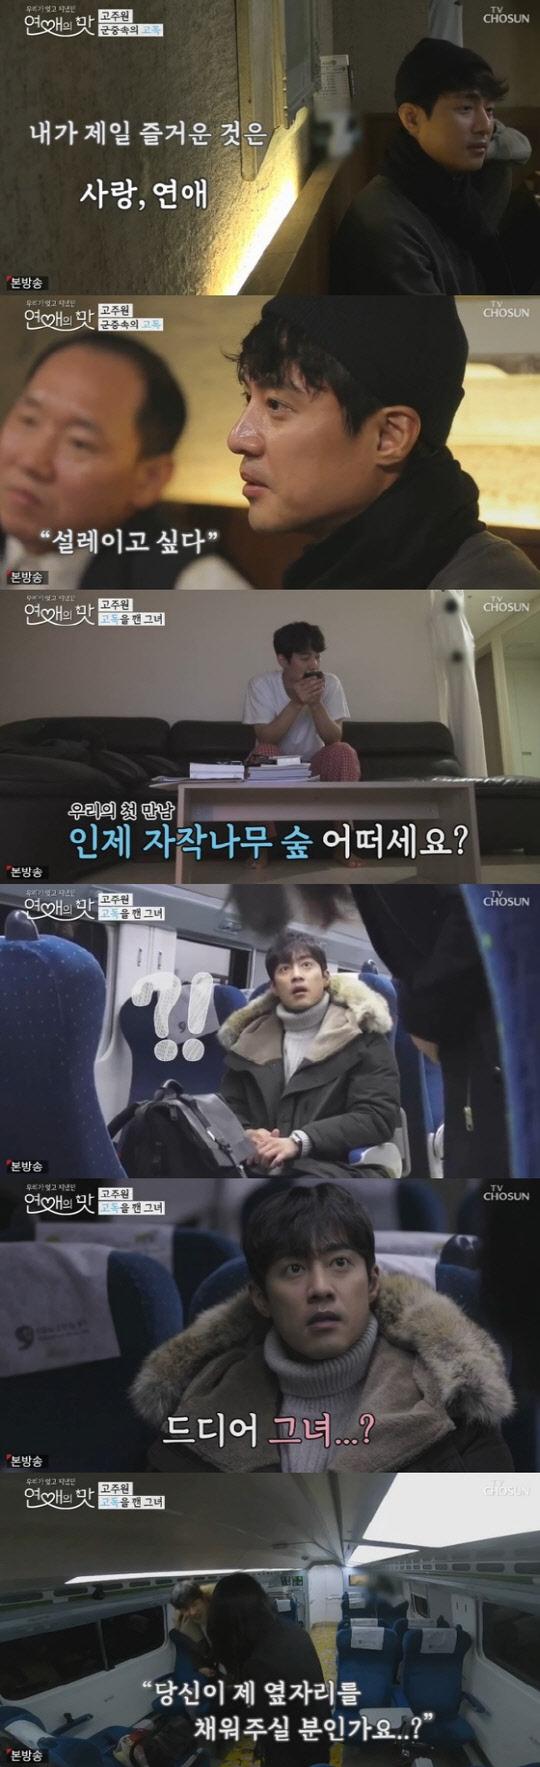 """'연애의 맛' 고주원에게 찾아온 소개팅女..""""제 옆자리 채워주실 분?"""""""